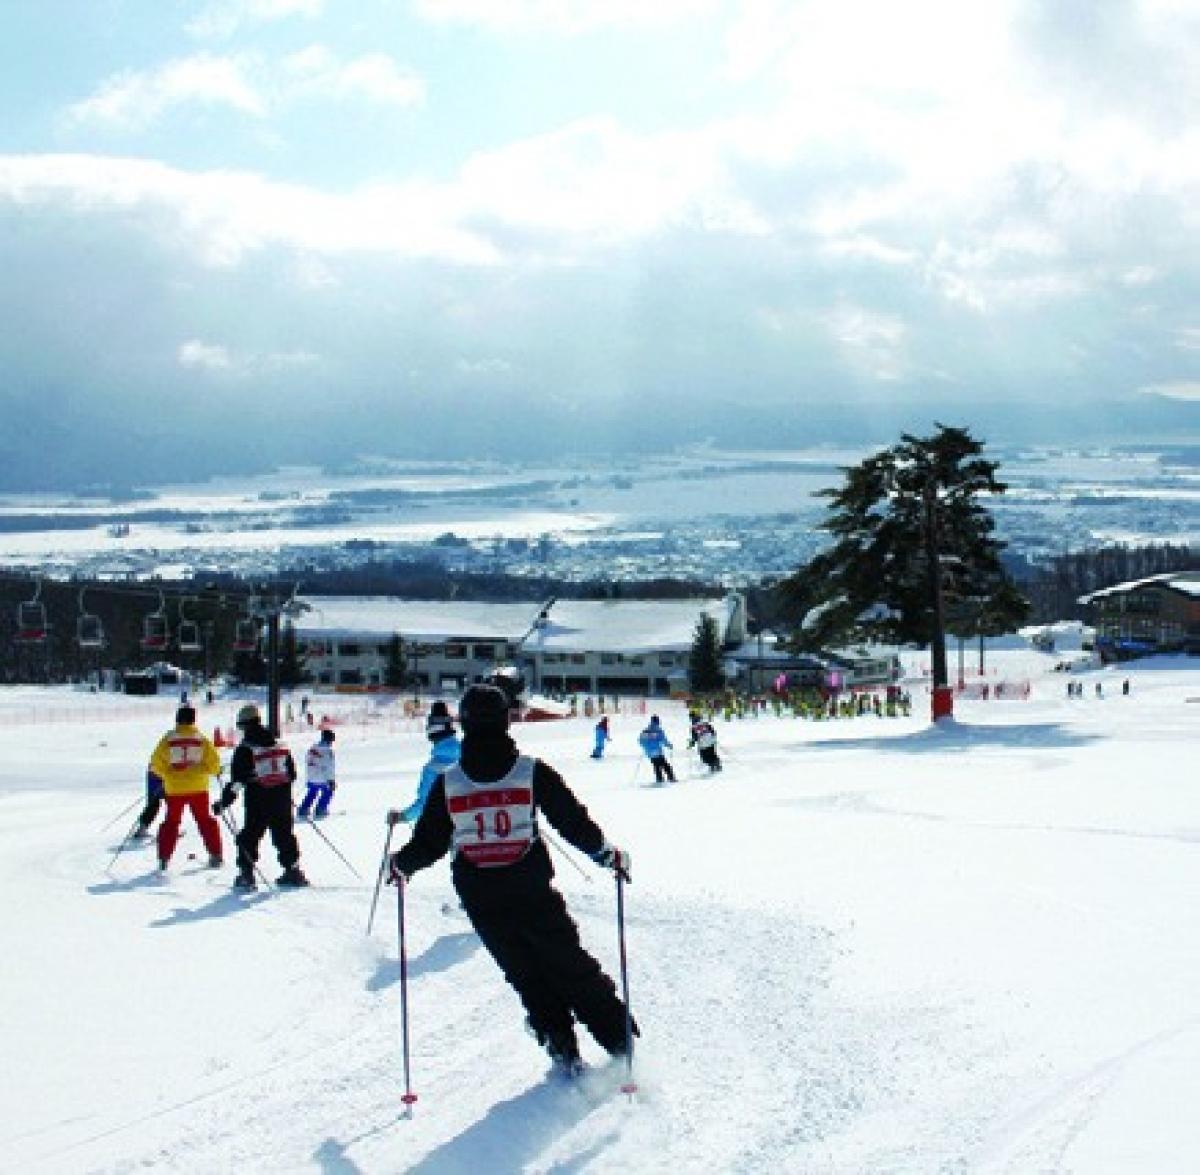 """Trượt tuyết cũng là một """"đặc sản"""" tại Fukushima. Tại đây có Công viên trượt tuyết và resort Alts - một trong những khu nghỉ dưỡng trượt tuyết lớn nhất vùng Tohoku, với 29 sân trượt được chia theo độ dốc và mức thử thách khác nhau."""